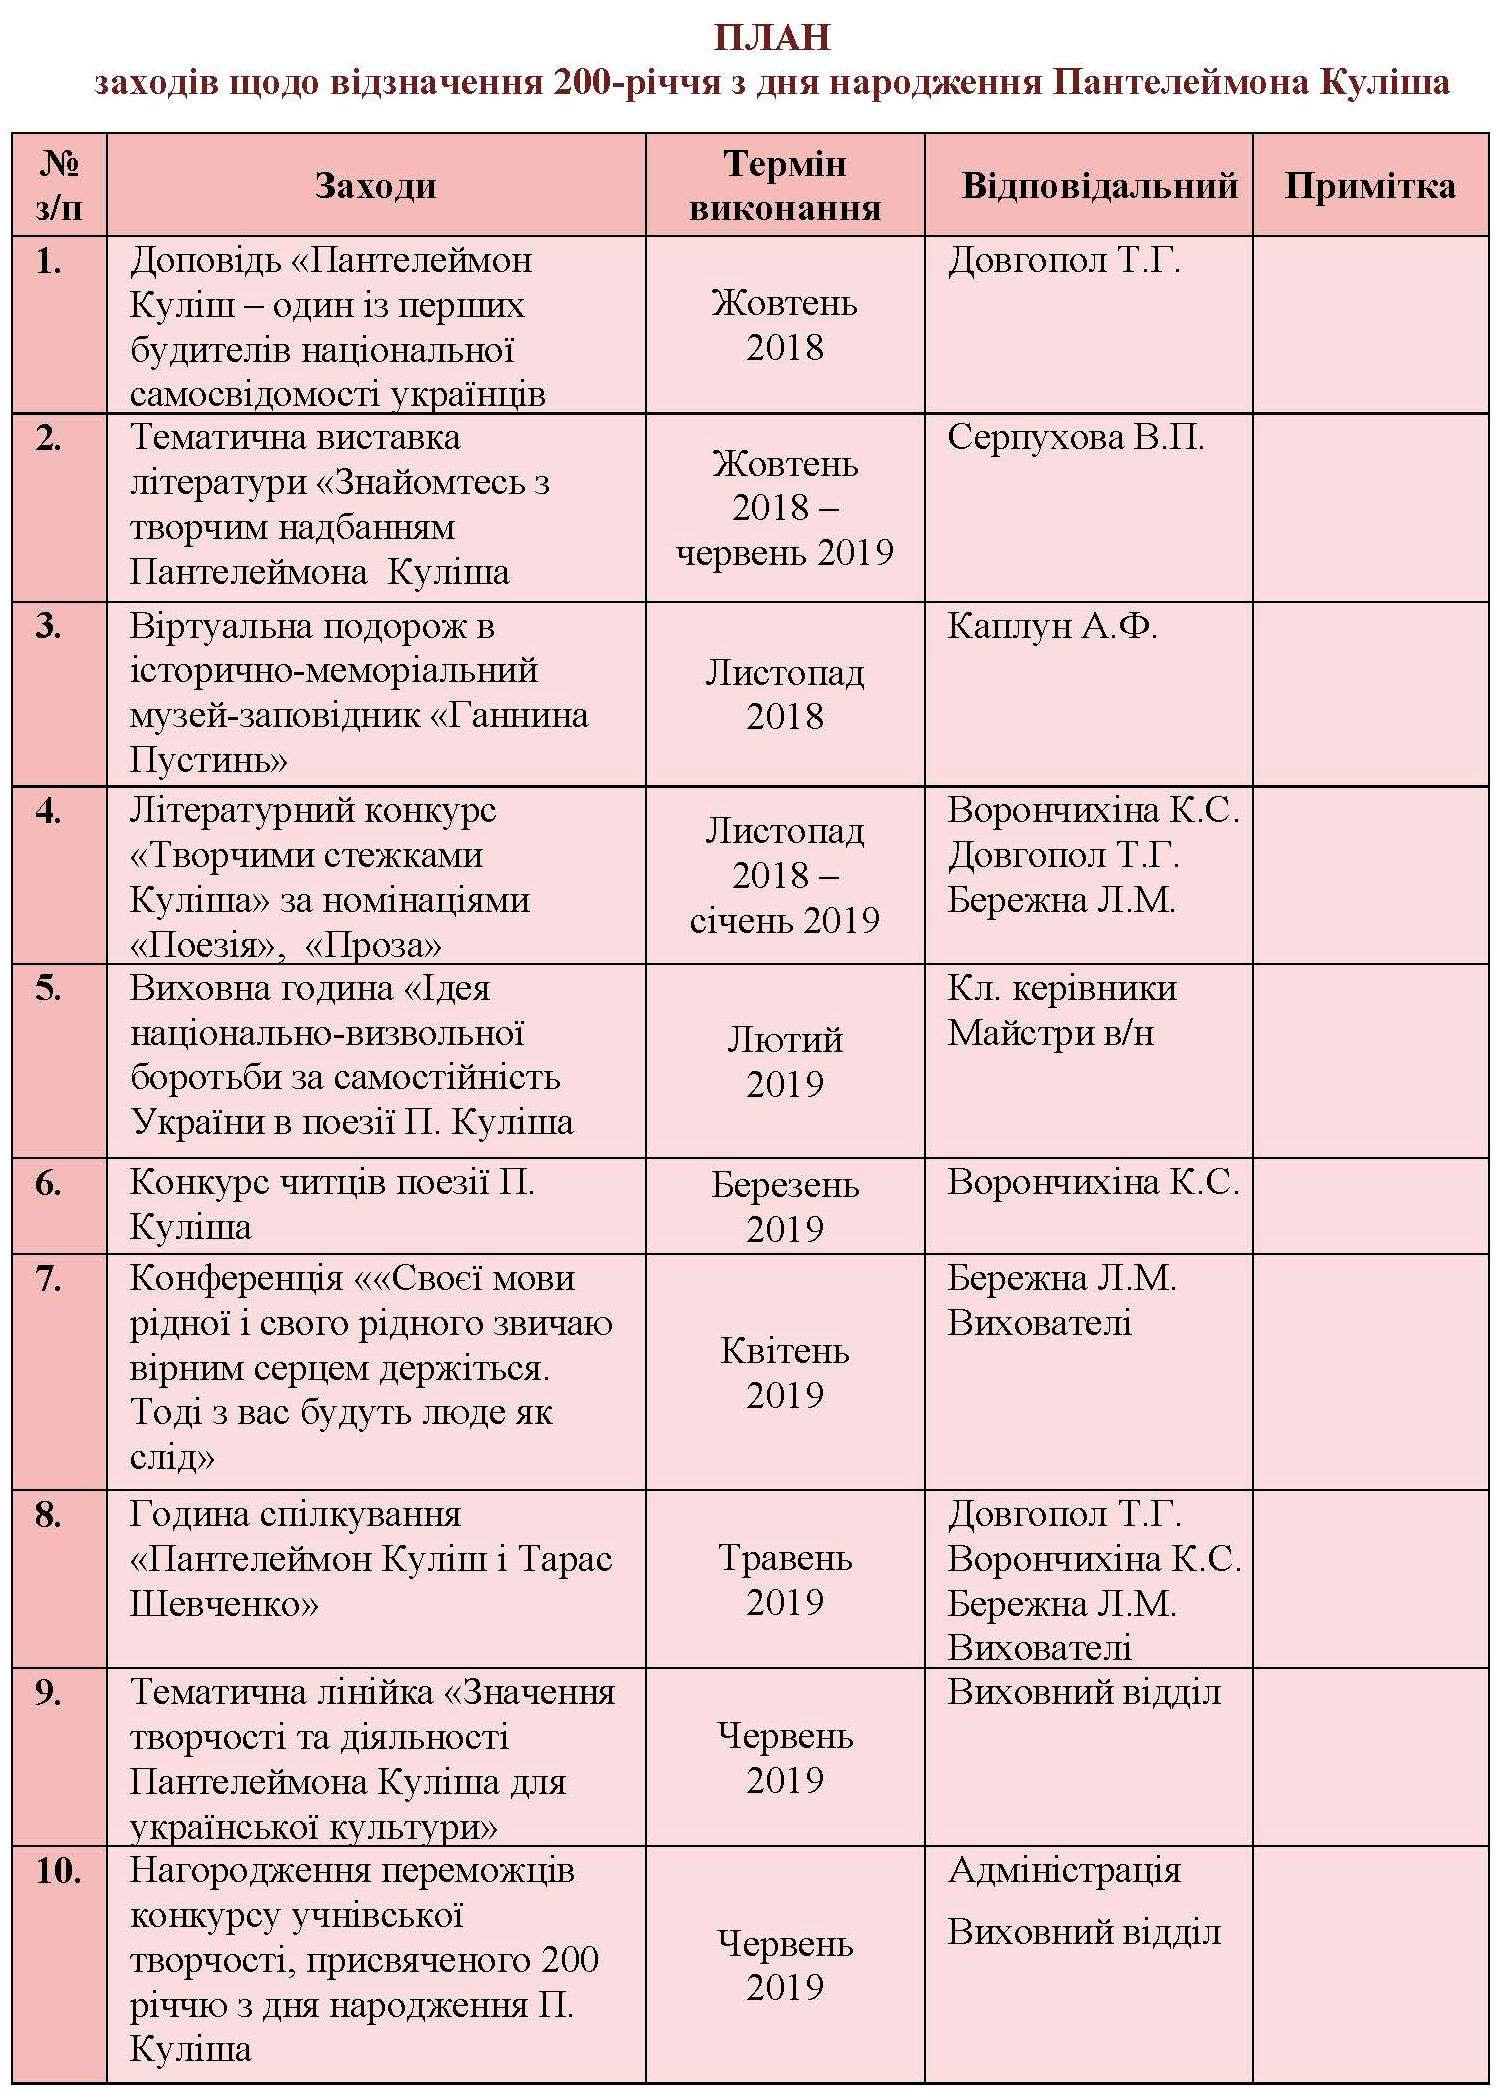 План заходів щодо відзначення 200-річчя з дня народження Пантелеймона Куліша